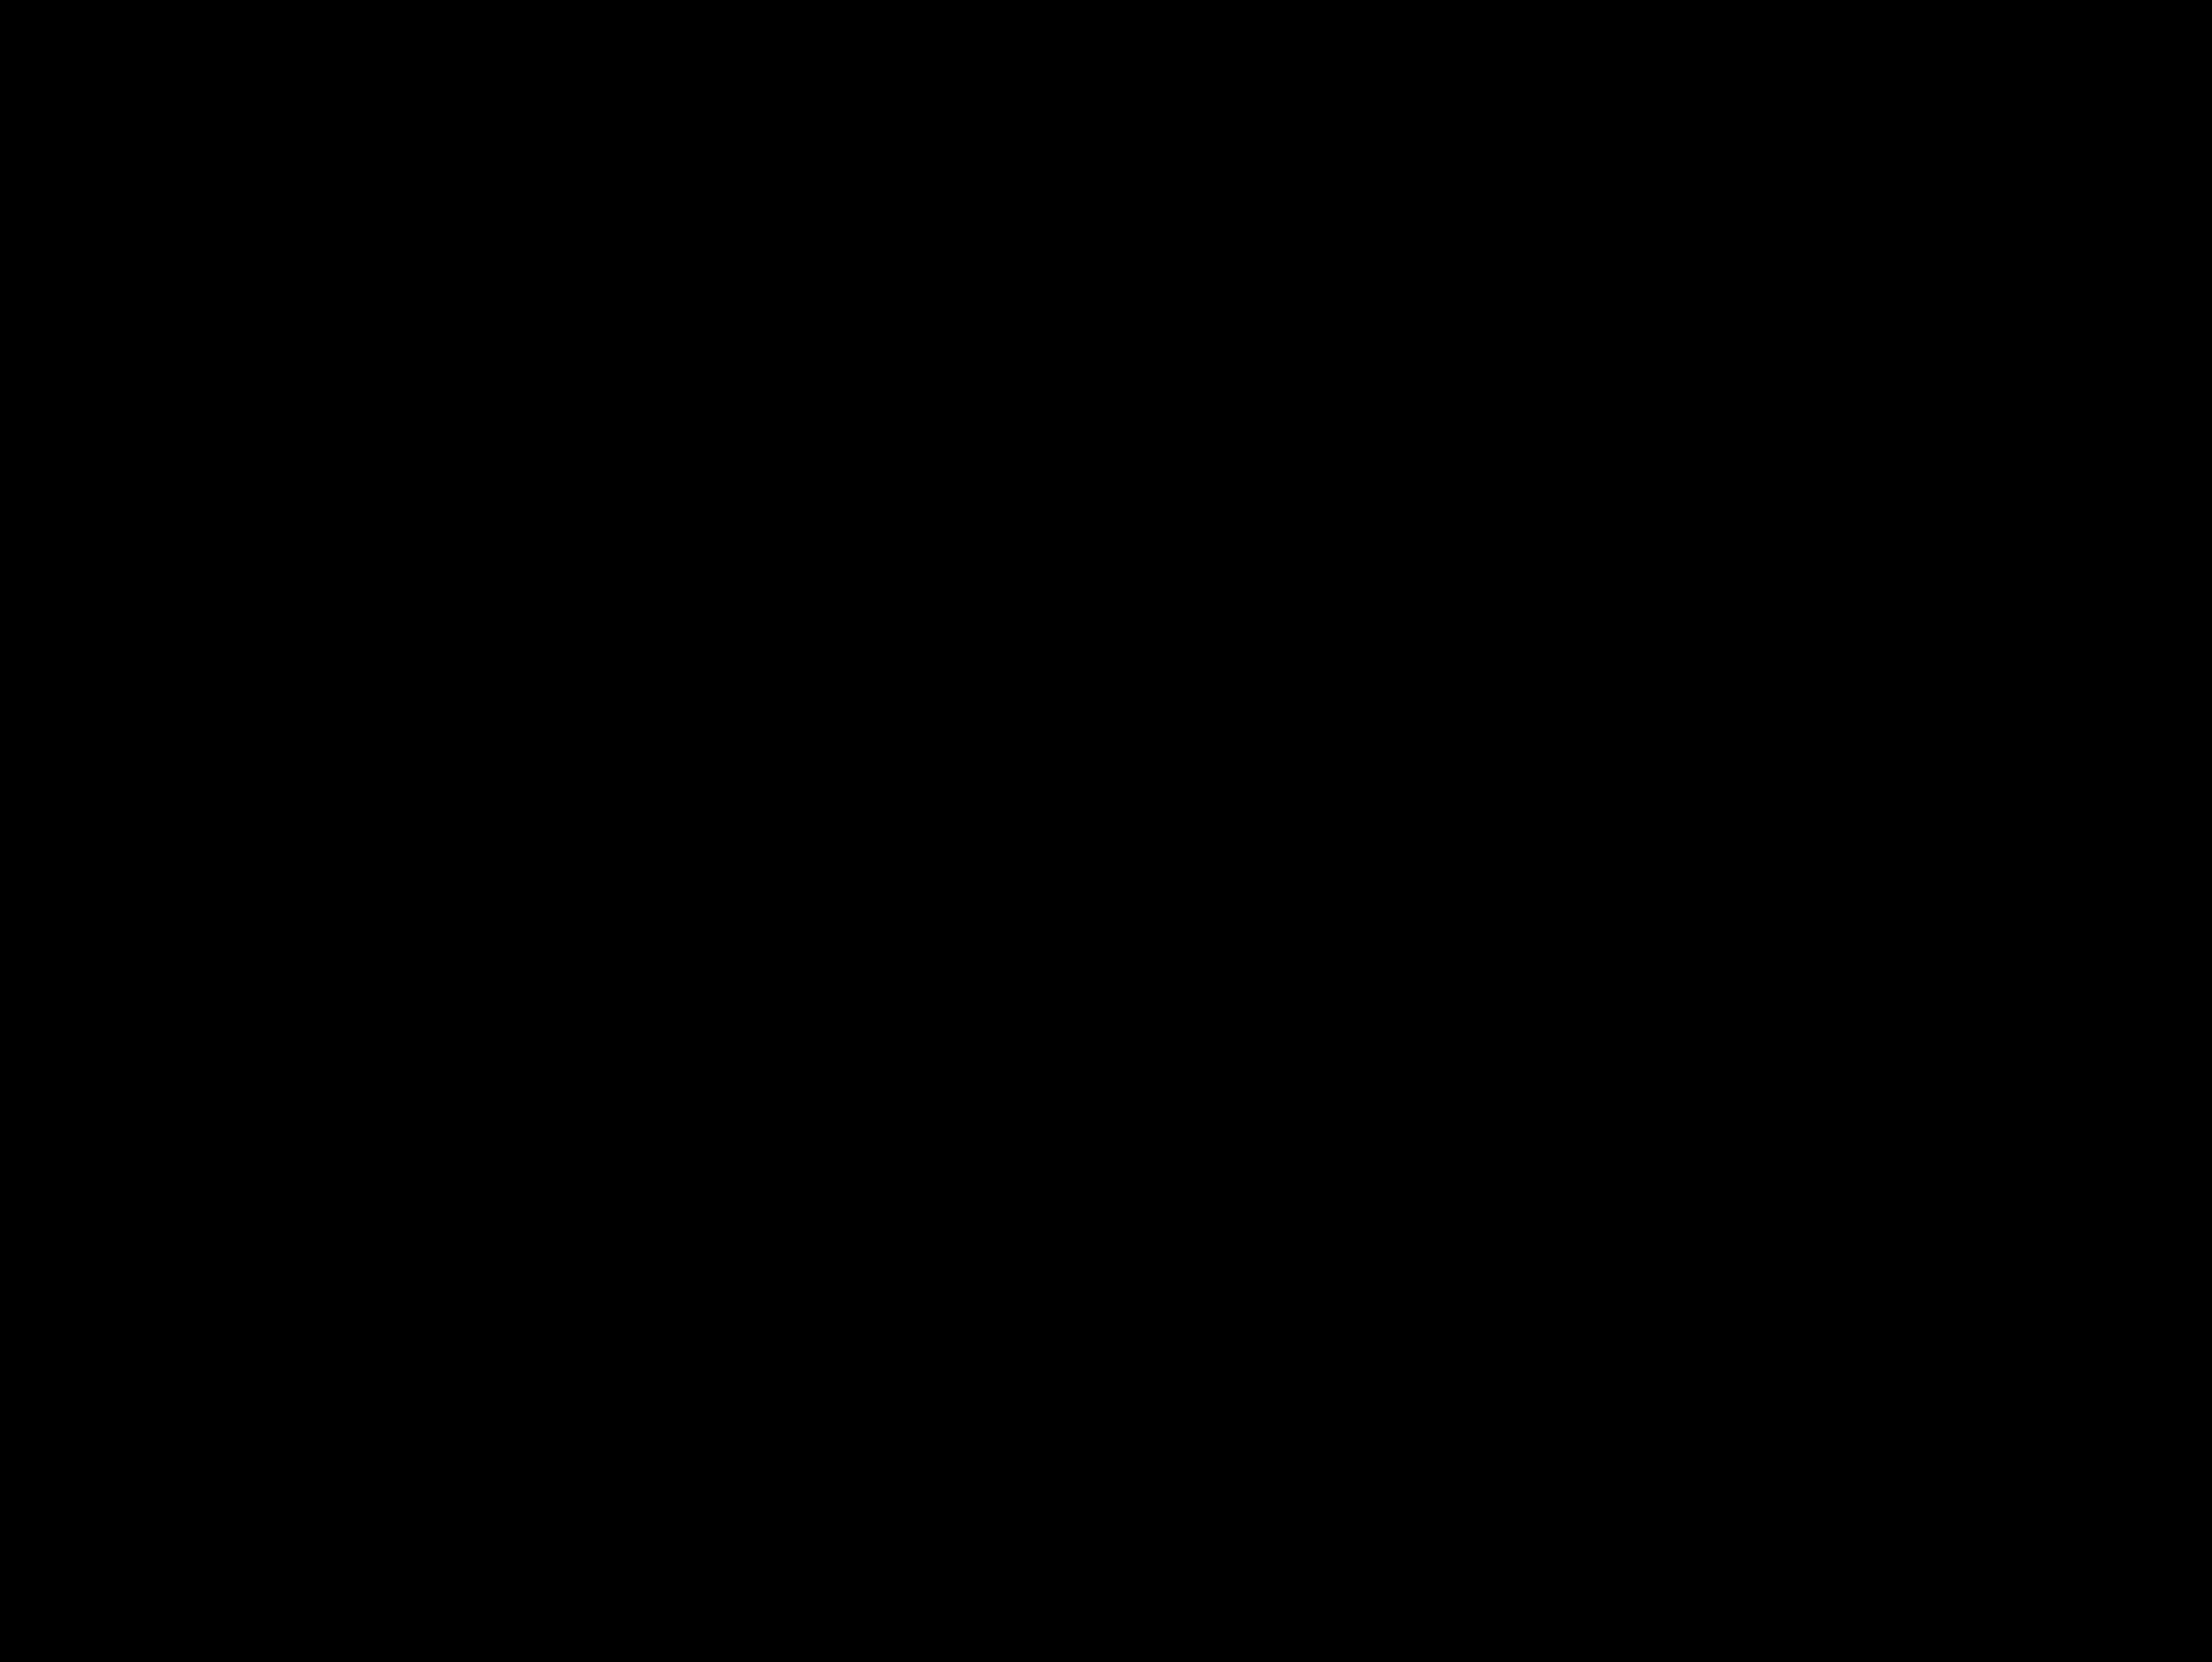 Famiglia di sedie con schienale alto e basso, senza ...